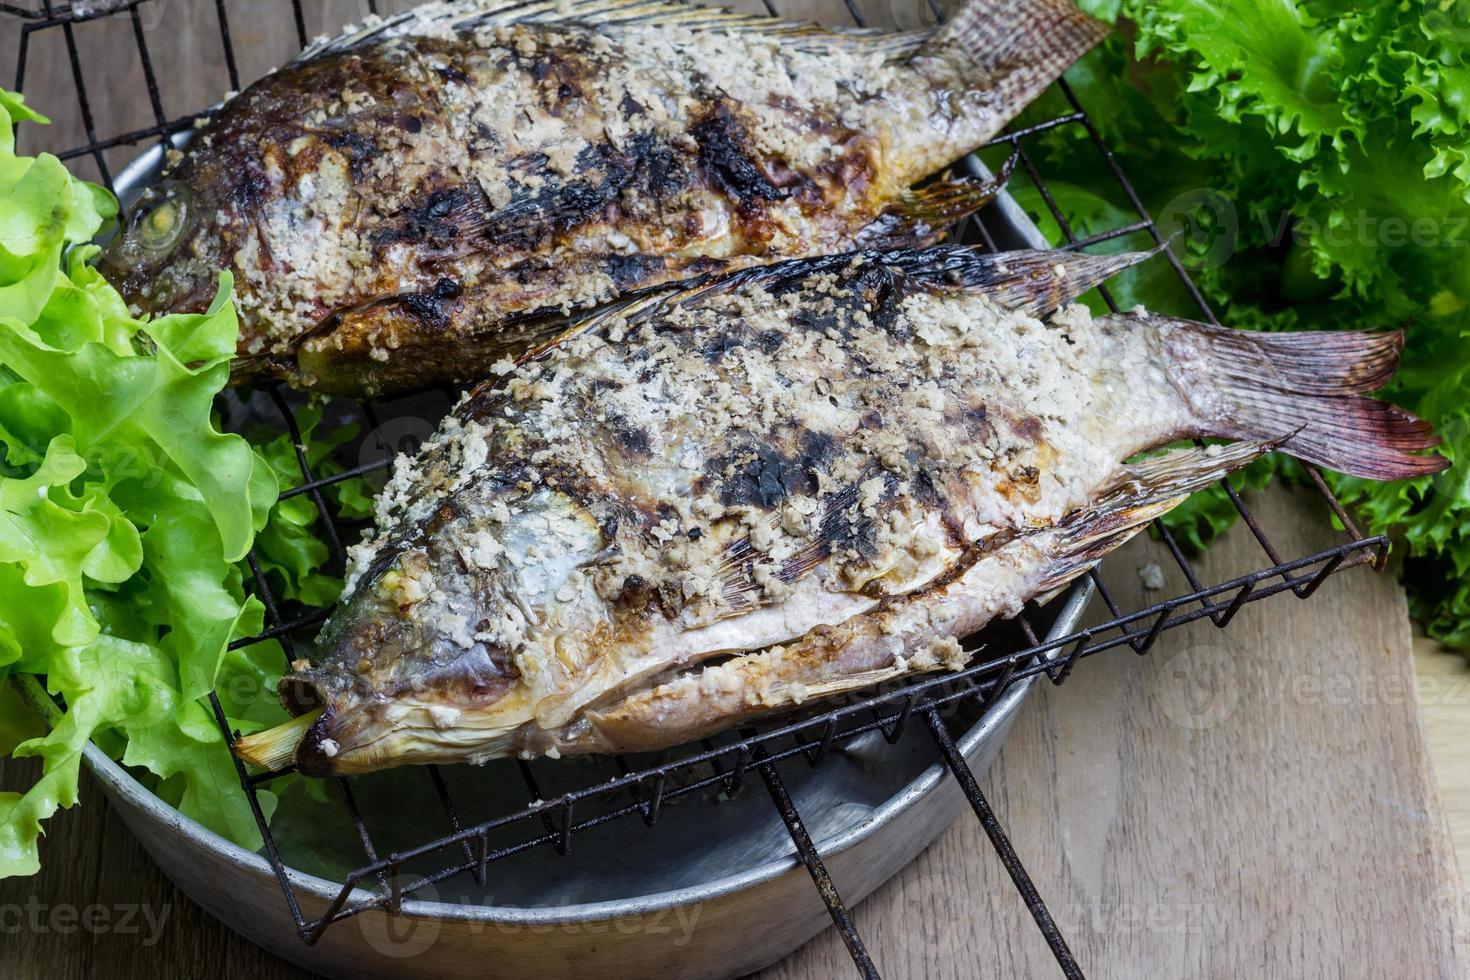 pesce tilapia alla griglia in crosta di sale foto